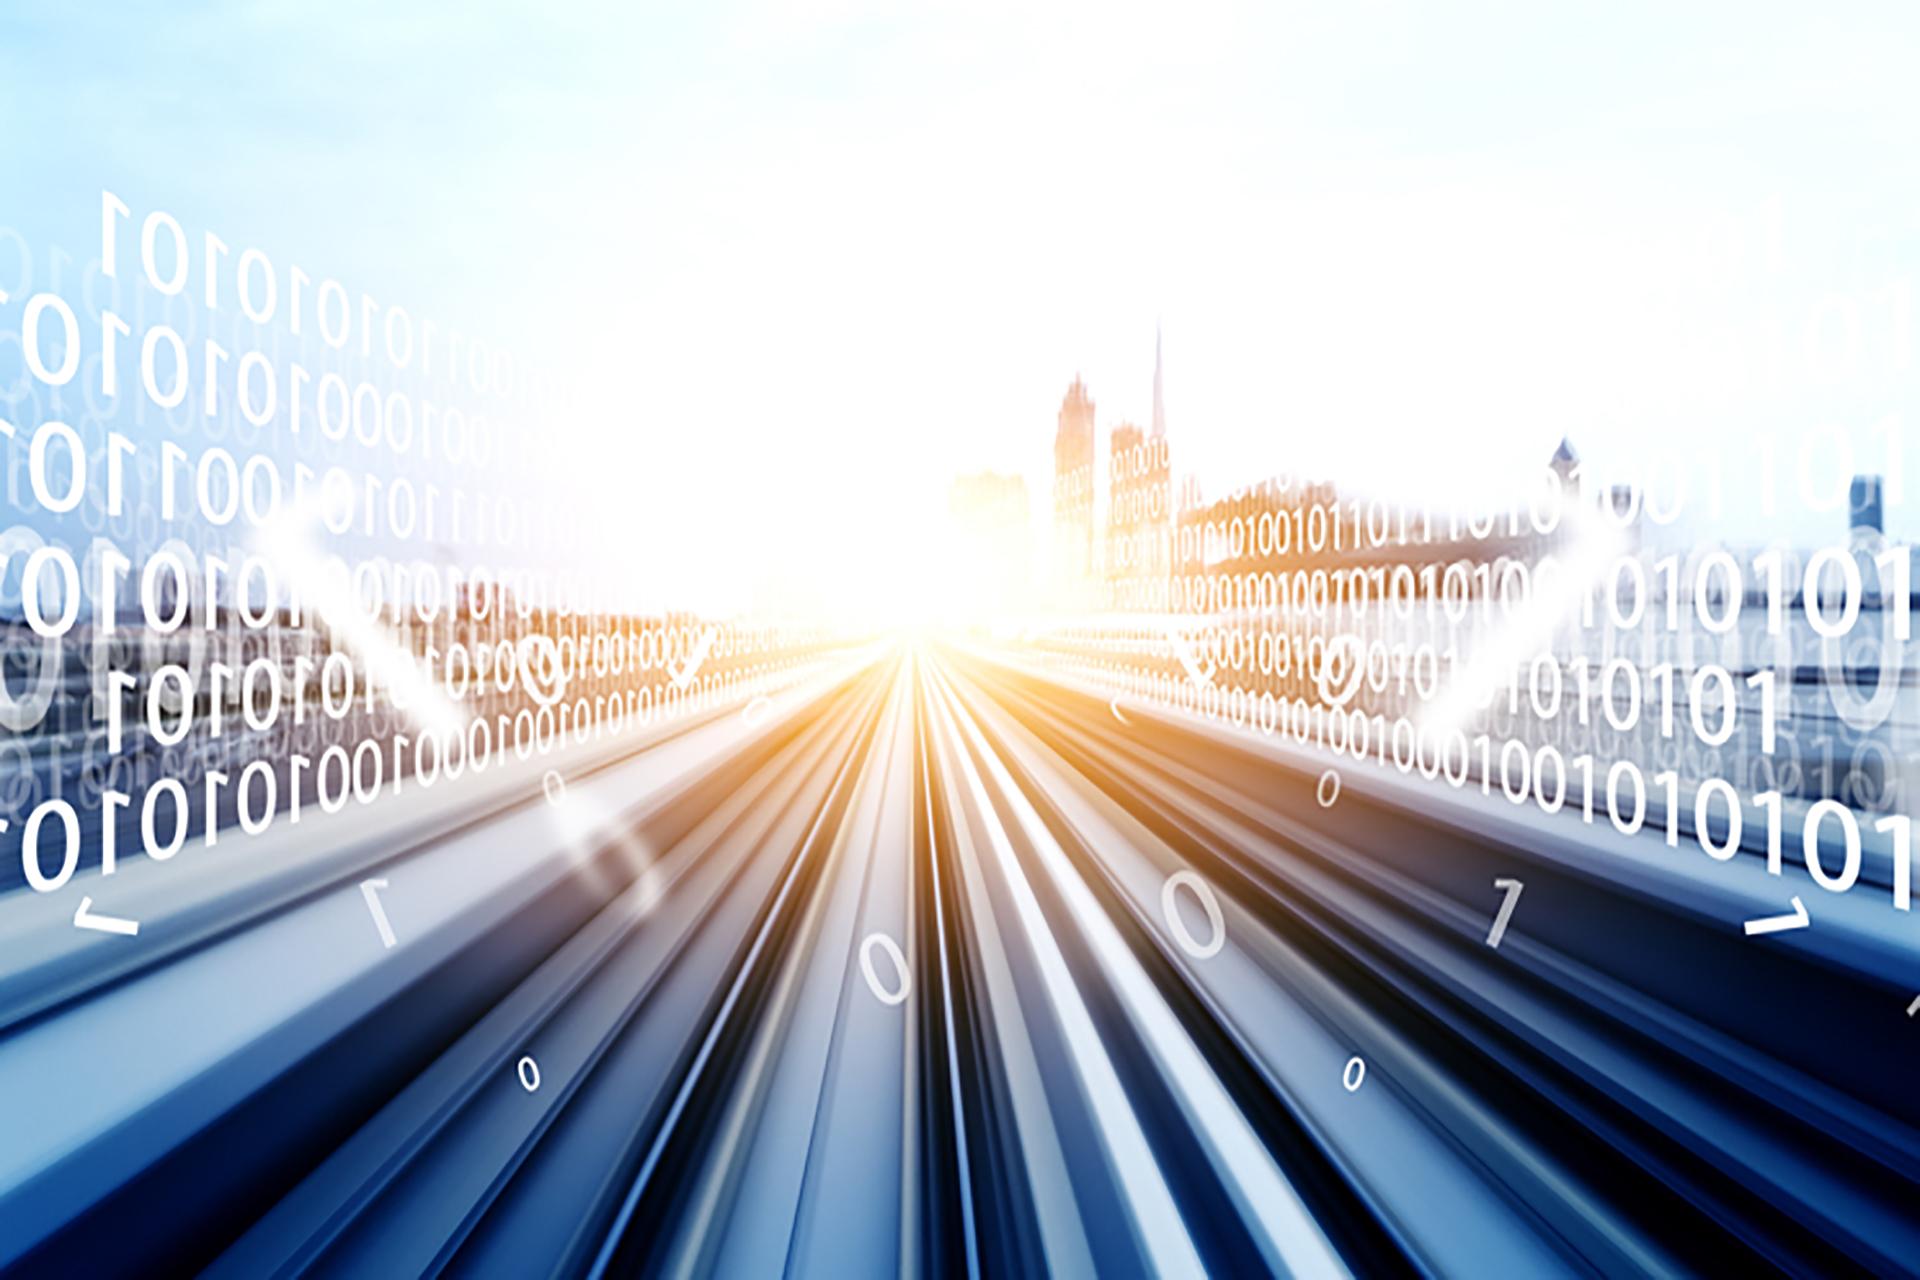 Cyber-Kinetic Security Railway